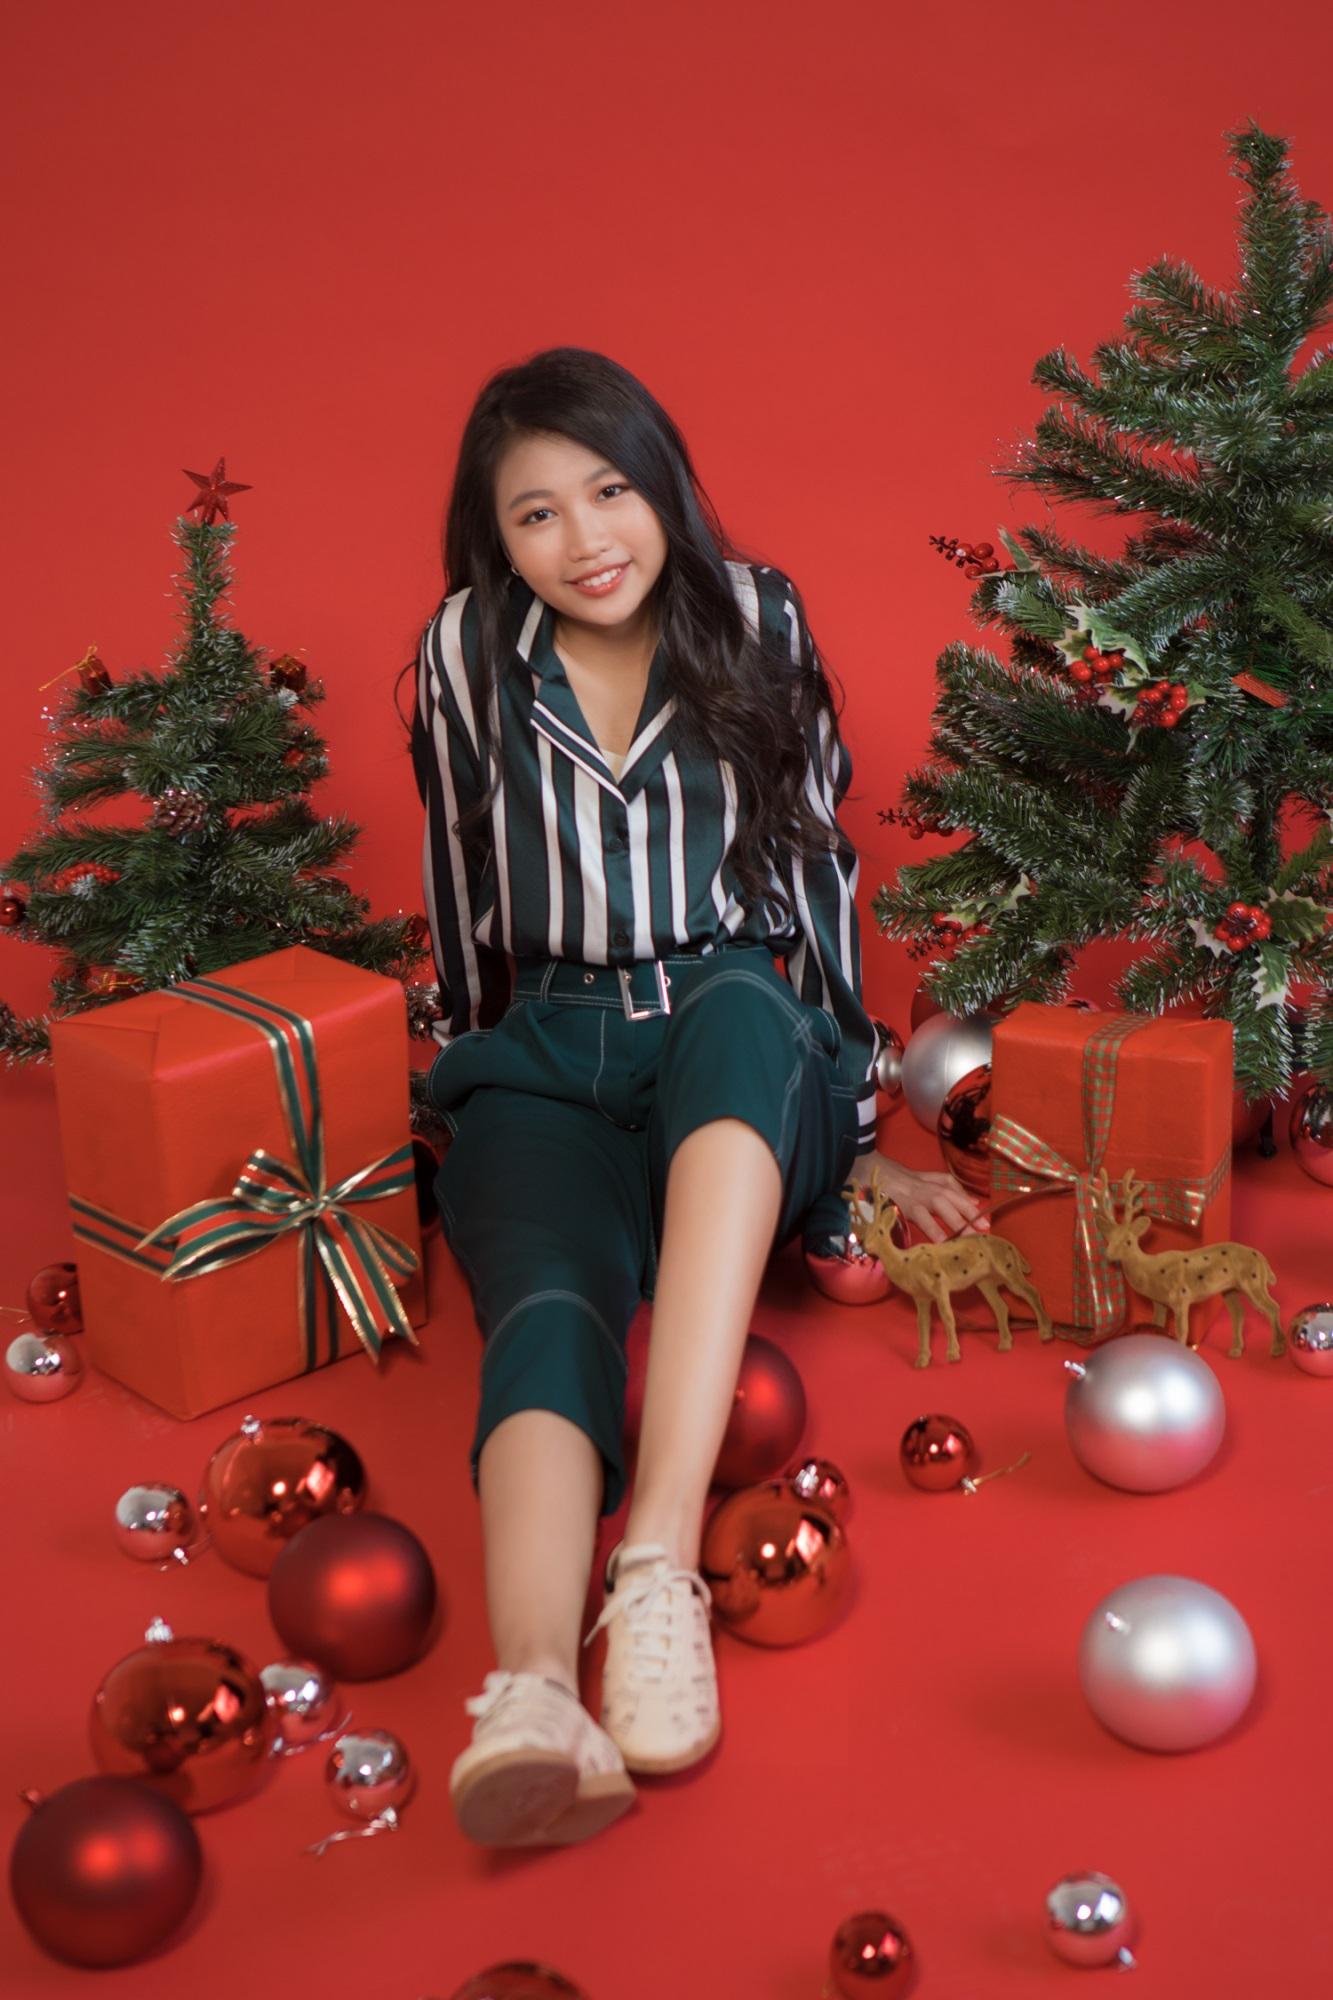 Hoa hậu Hoàn vũ nhí Ngọc Lan Vy 'lột xác' thành 'thiếu nữ' xinh đẹp trong bộ ảnh mừng Giáng sinh - Ảnh 2